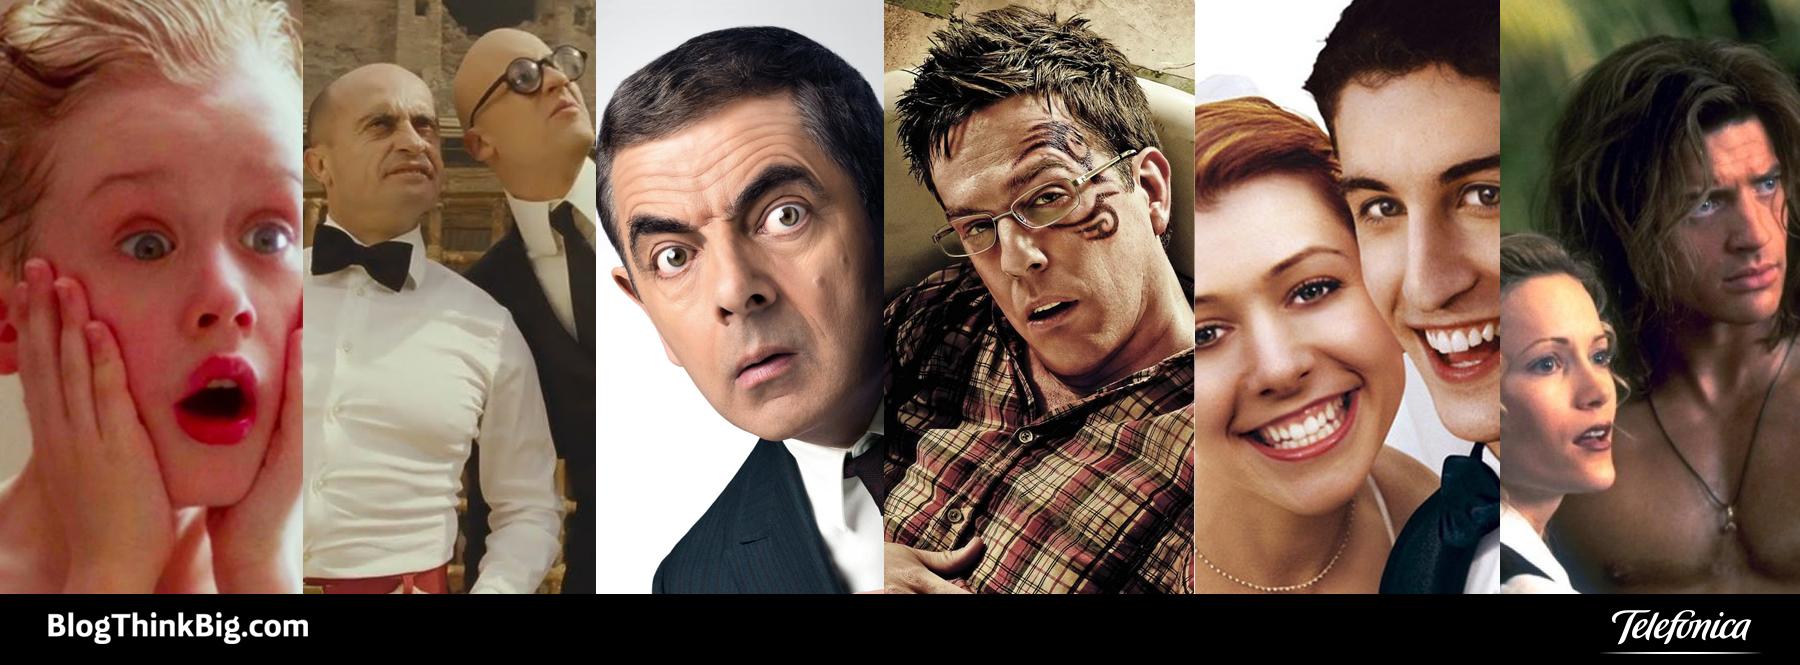 10 películas de humor que te harán más amenos estos días